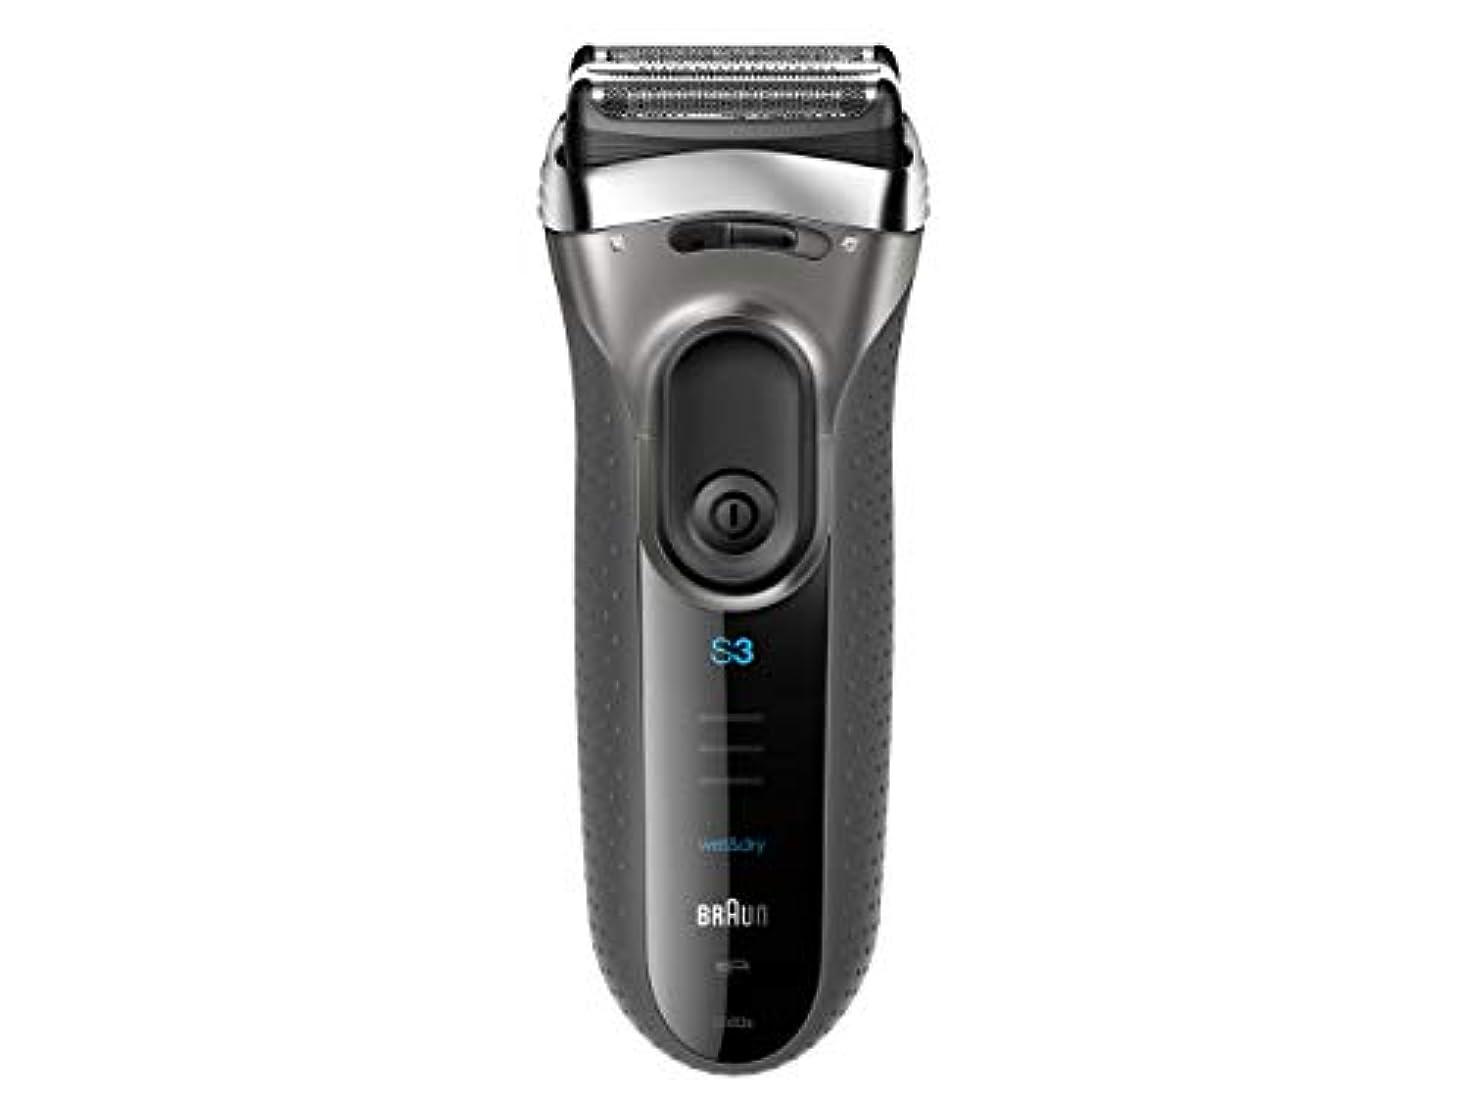 アクティブおとうさんヒゲクジラブラウン メンズ電気シェーバー シリーズ3 3080s-S-JA 3枚刃 水洗い/お風呂剃り可 シルバー